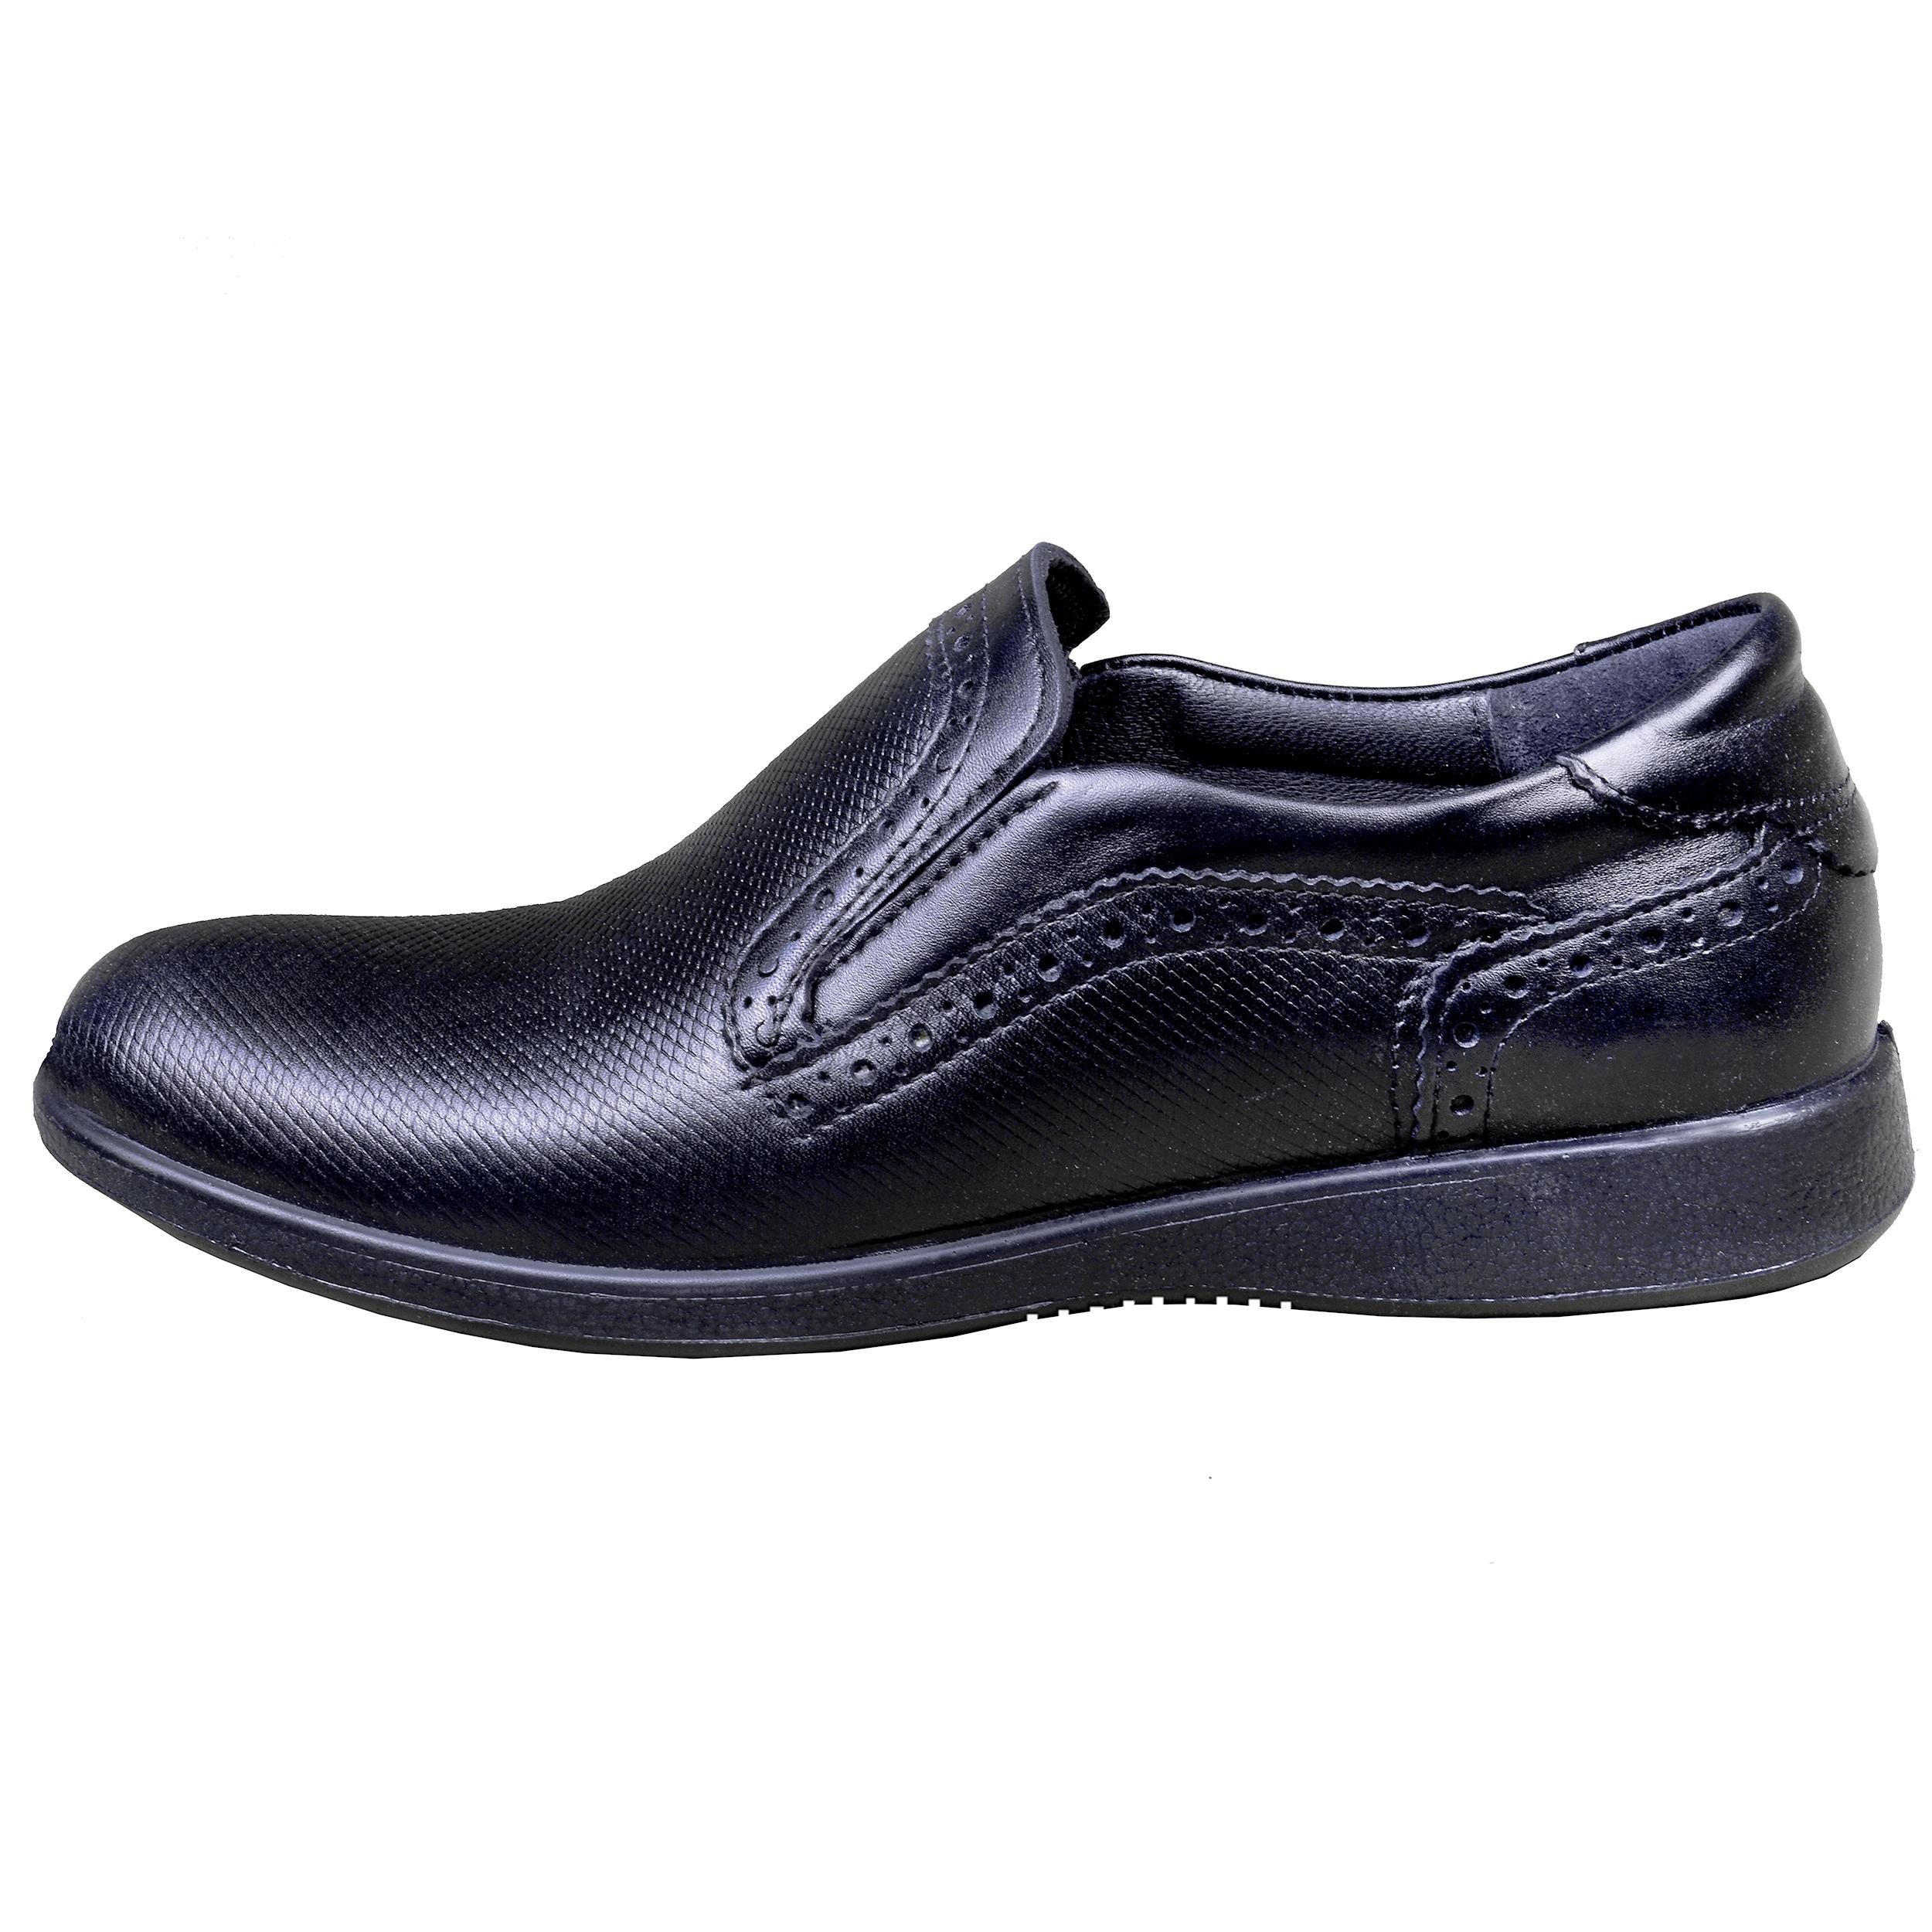 عکس کفش مردانه دکتر فام مدل 1049